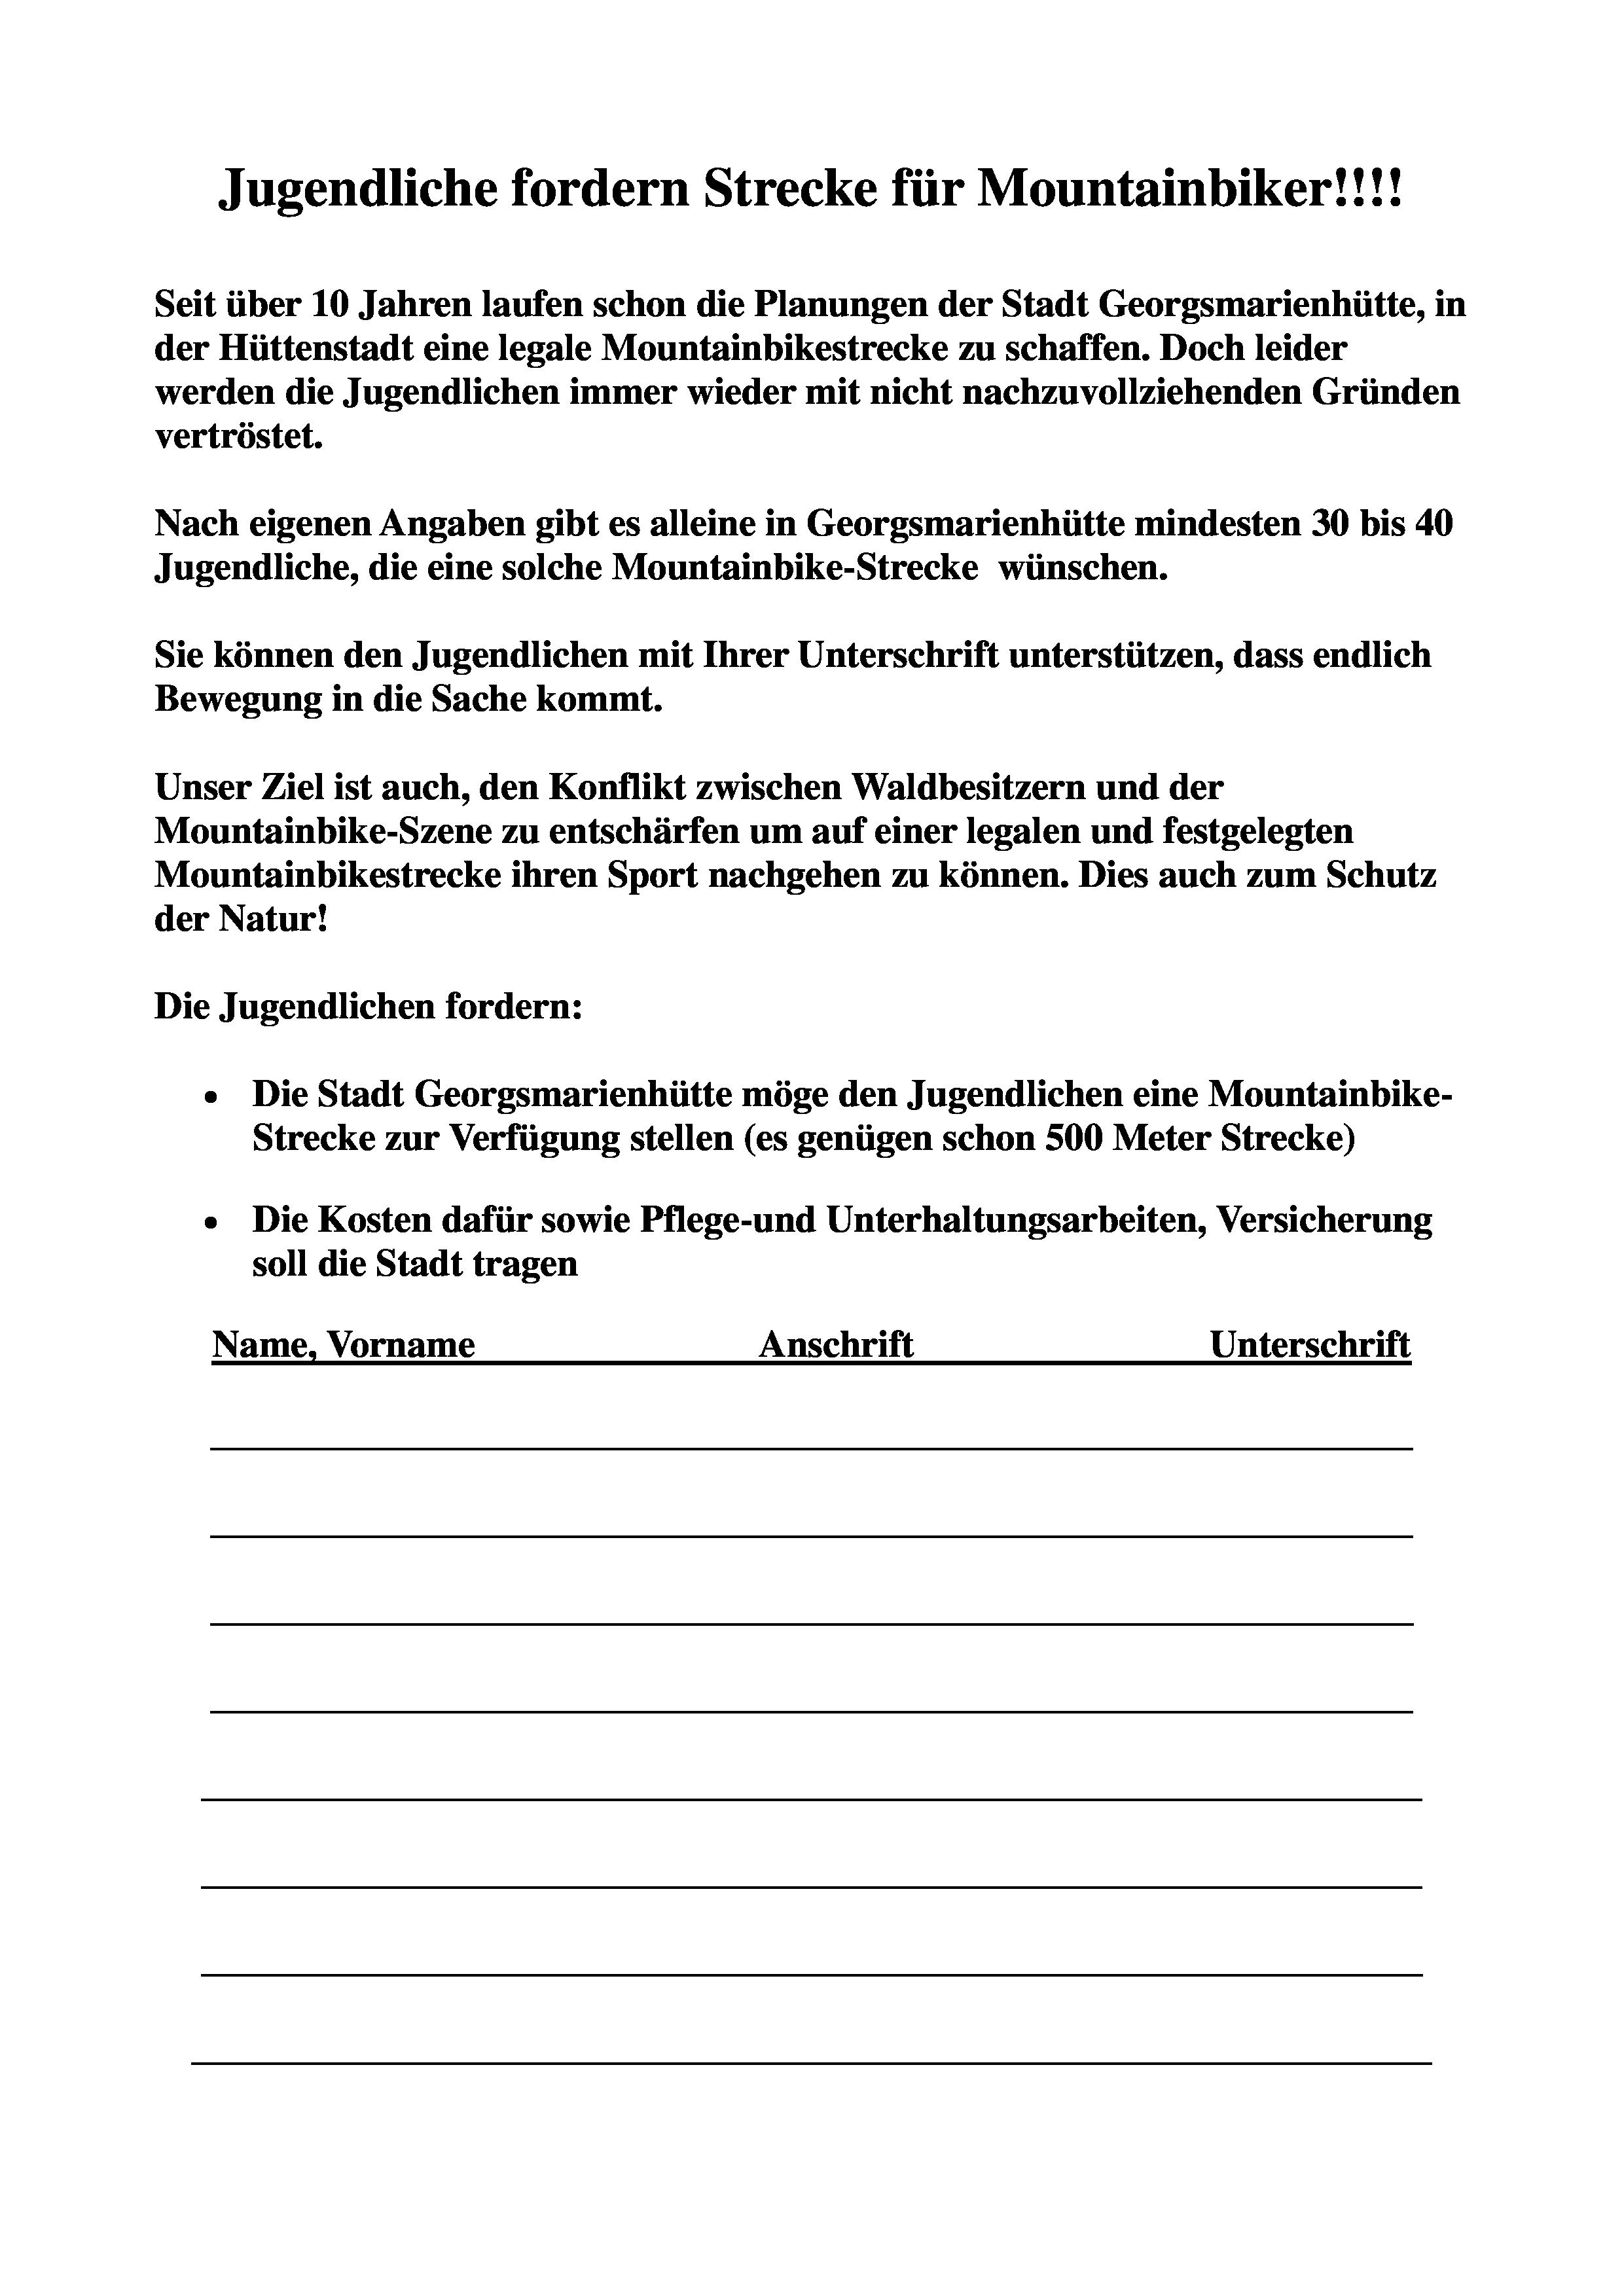 Unterschriftenliste Georgsmarienhütte